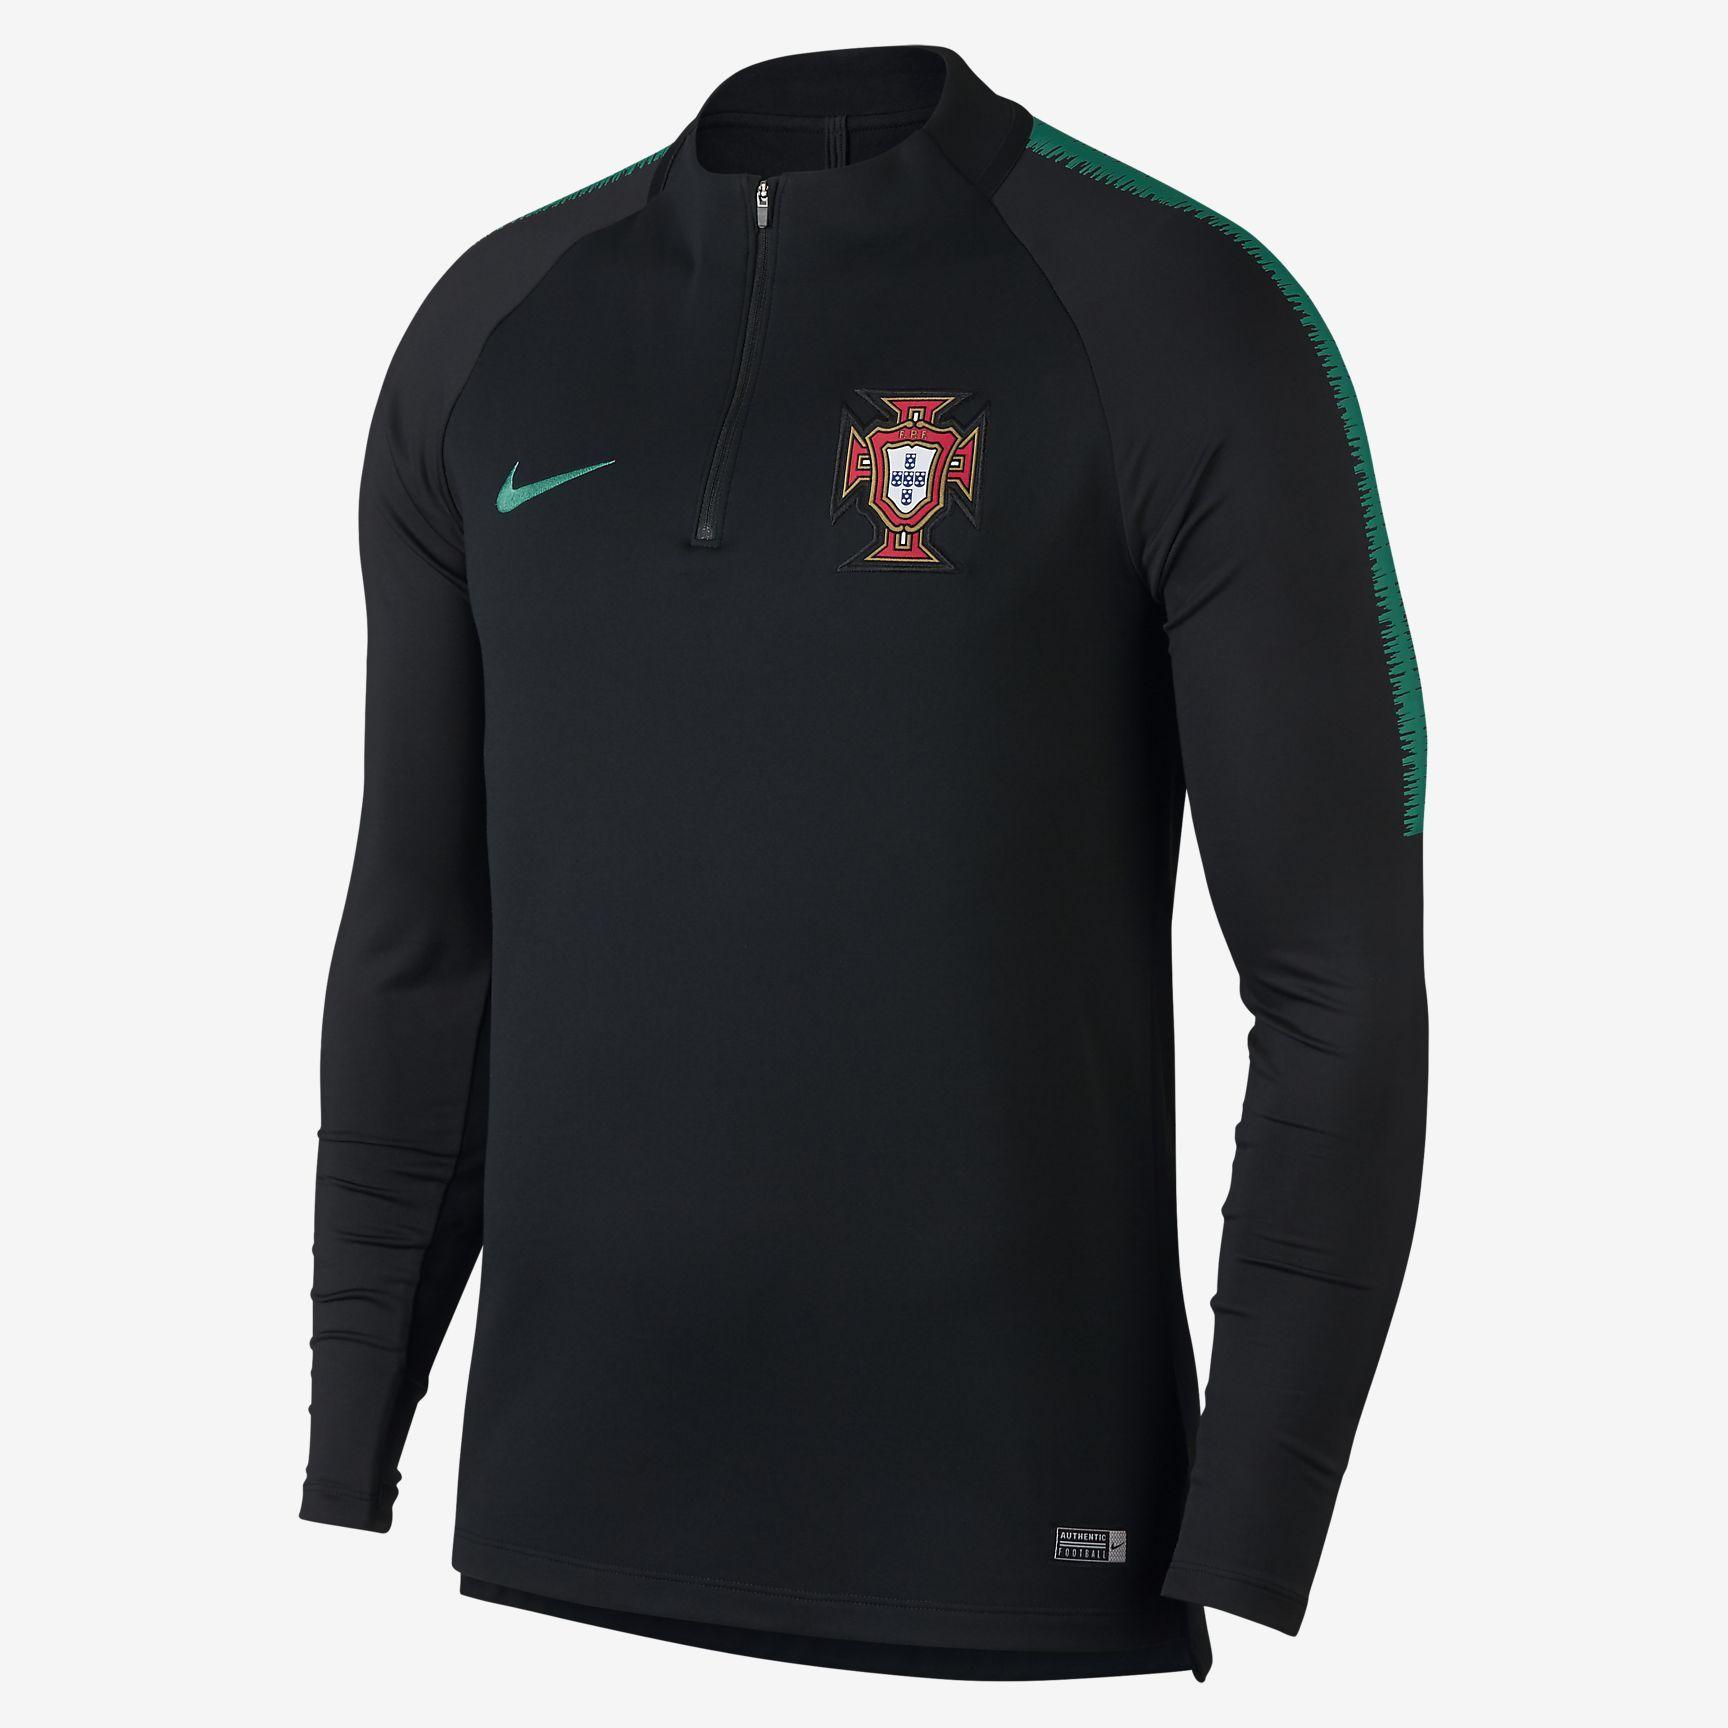 04d55e5ecab58 Top de fútbol de manga larga para hombre Portugal Dri-FIT Squad Drill